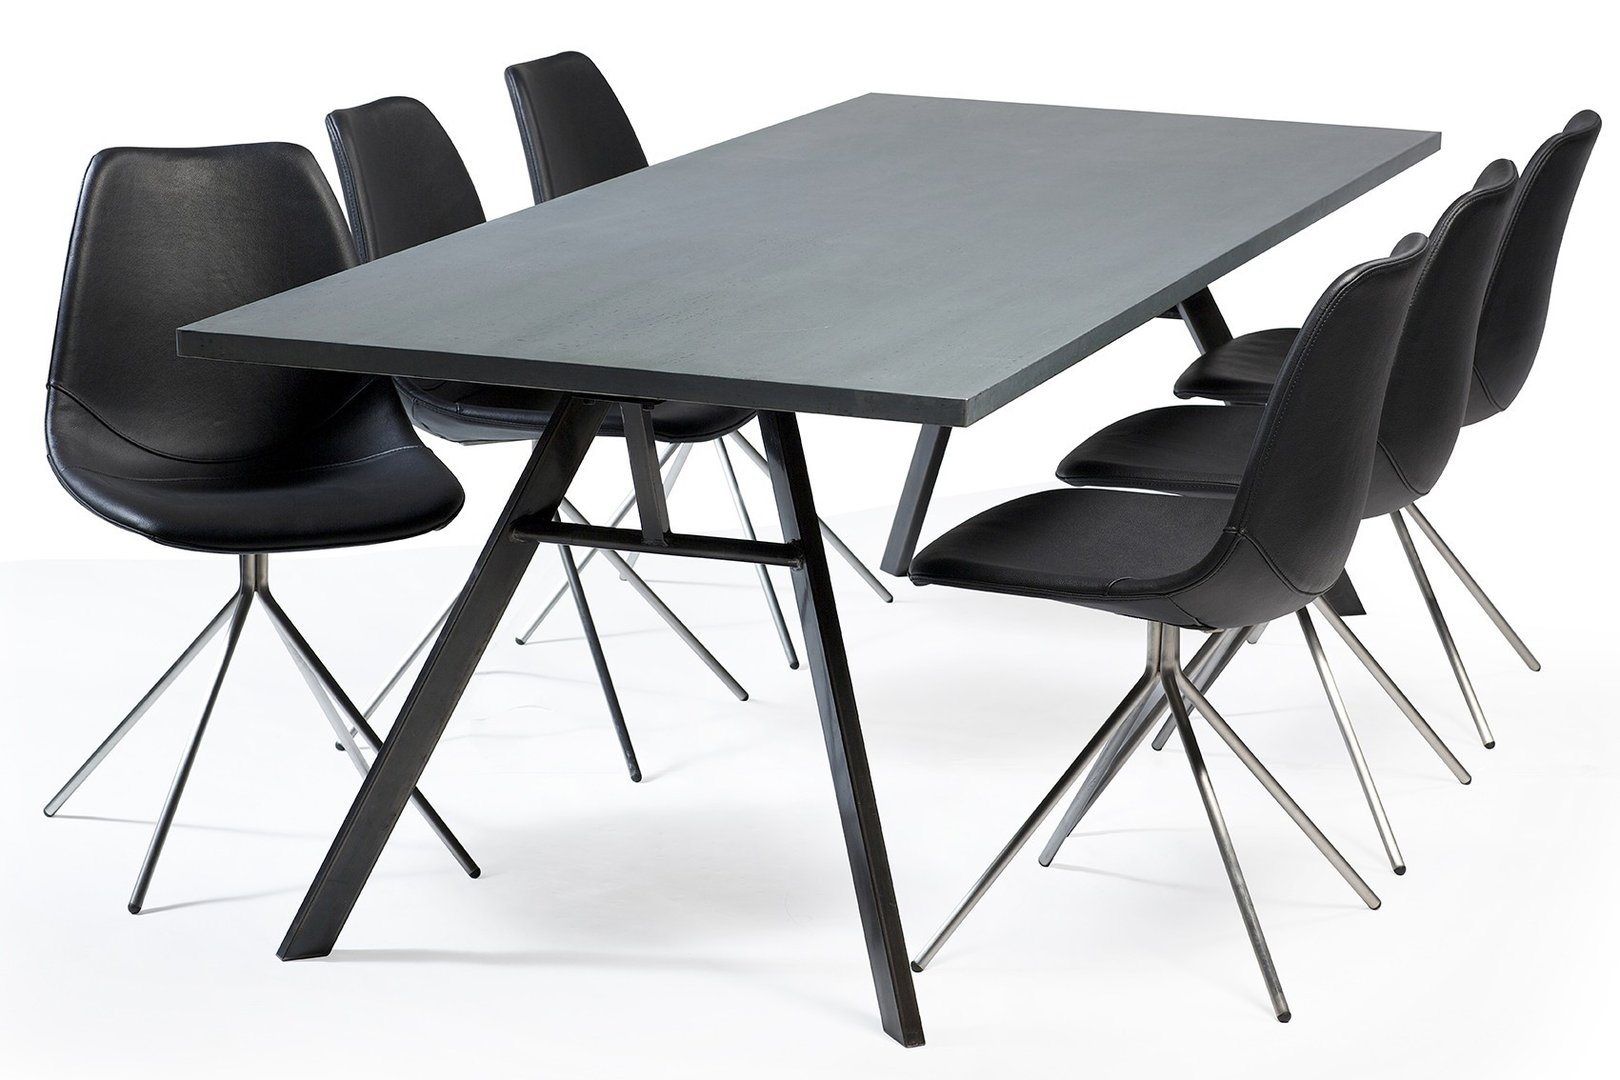 esstisch nando grau von dan form designtisch buerado. Black Bedroom Furniture Sets. Home Design Ideas